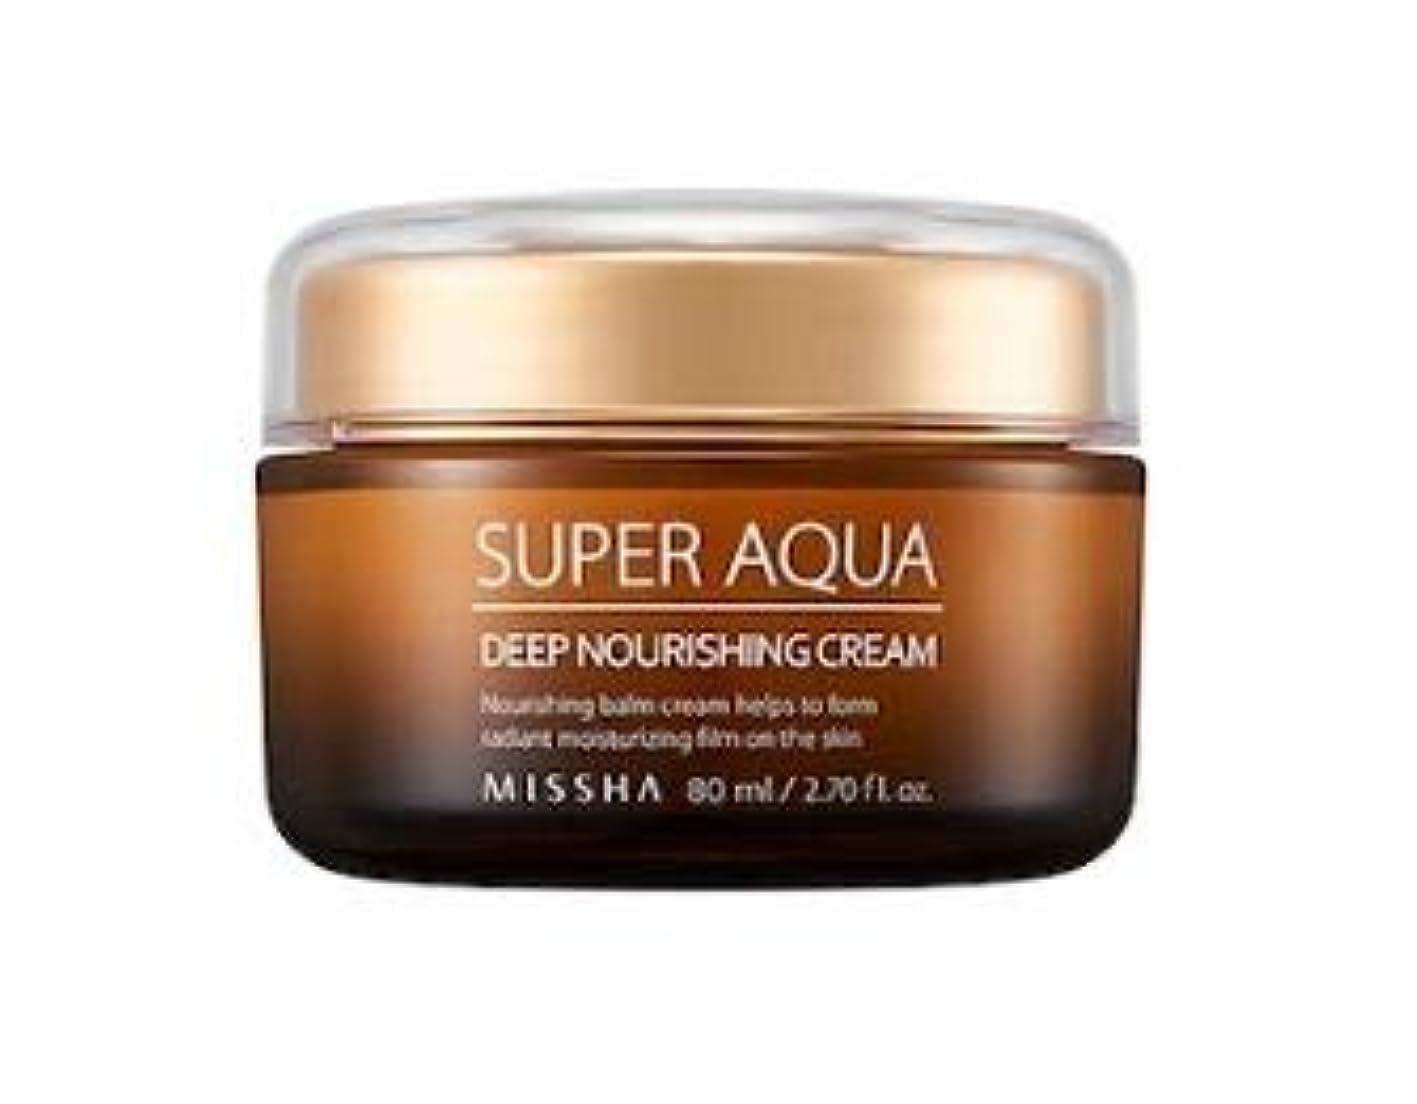 疲労味わう行方不明MISSHA Super Aqua Ultra Water Full Deep Nourishing Cream ミシャ スーパーアクアウルトラウォーターフルディープナリシングクリーム [並行輸入品]